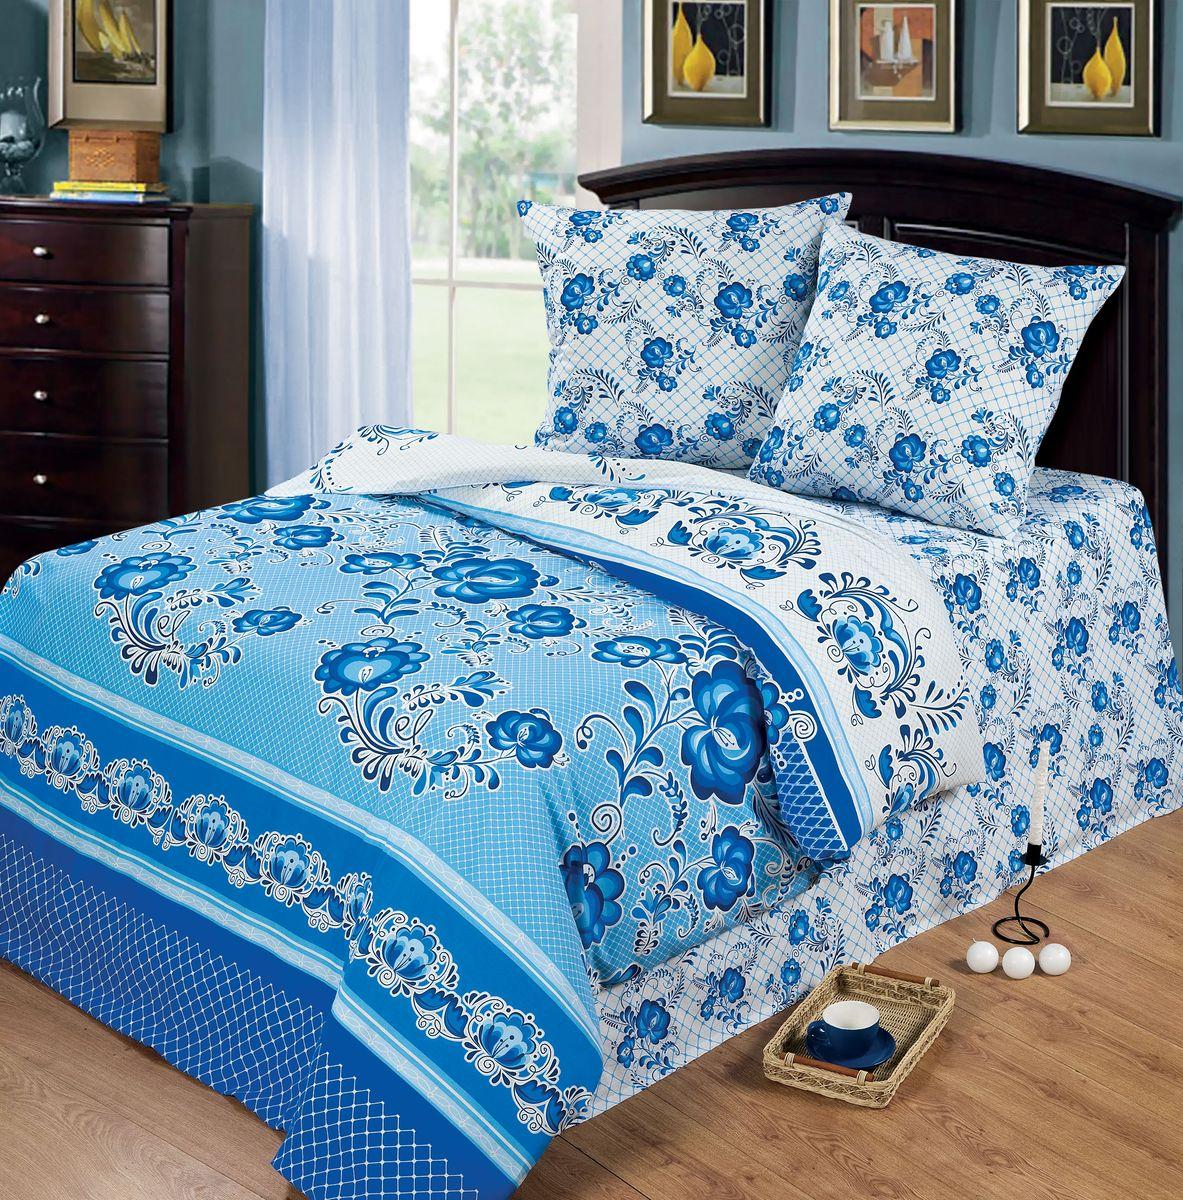 Комплект белья Любимый дом Гжель, 2-спальный, наволочки 70x70, цвет: белый, синий, голубой391602Комплект постельного белья Любимый дом Гжель является экологически безопасным, так как выполнен из поплина (100% хлопка). Комплект состоит из пододеяльника, простыни и двух наволочек. Постельное белье оформлено красивым цветочным рисунком и имеет изысканный внешний вид. Постельное белье Любимый дом - лучший выбор для современной хозяйки! Его отличают демократичная цена и отличное качество.Благодаря высокому качеству ткани и европейским стандартам пошива постельное белье Любимый дом будет радовать вас долгие годы!